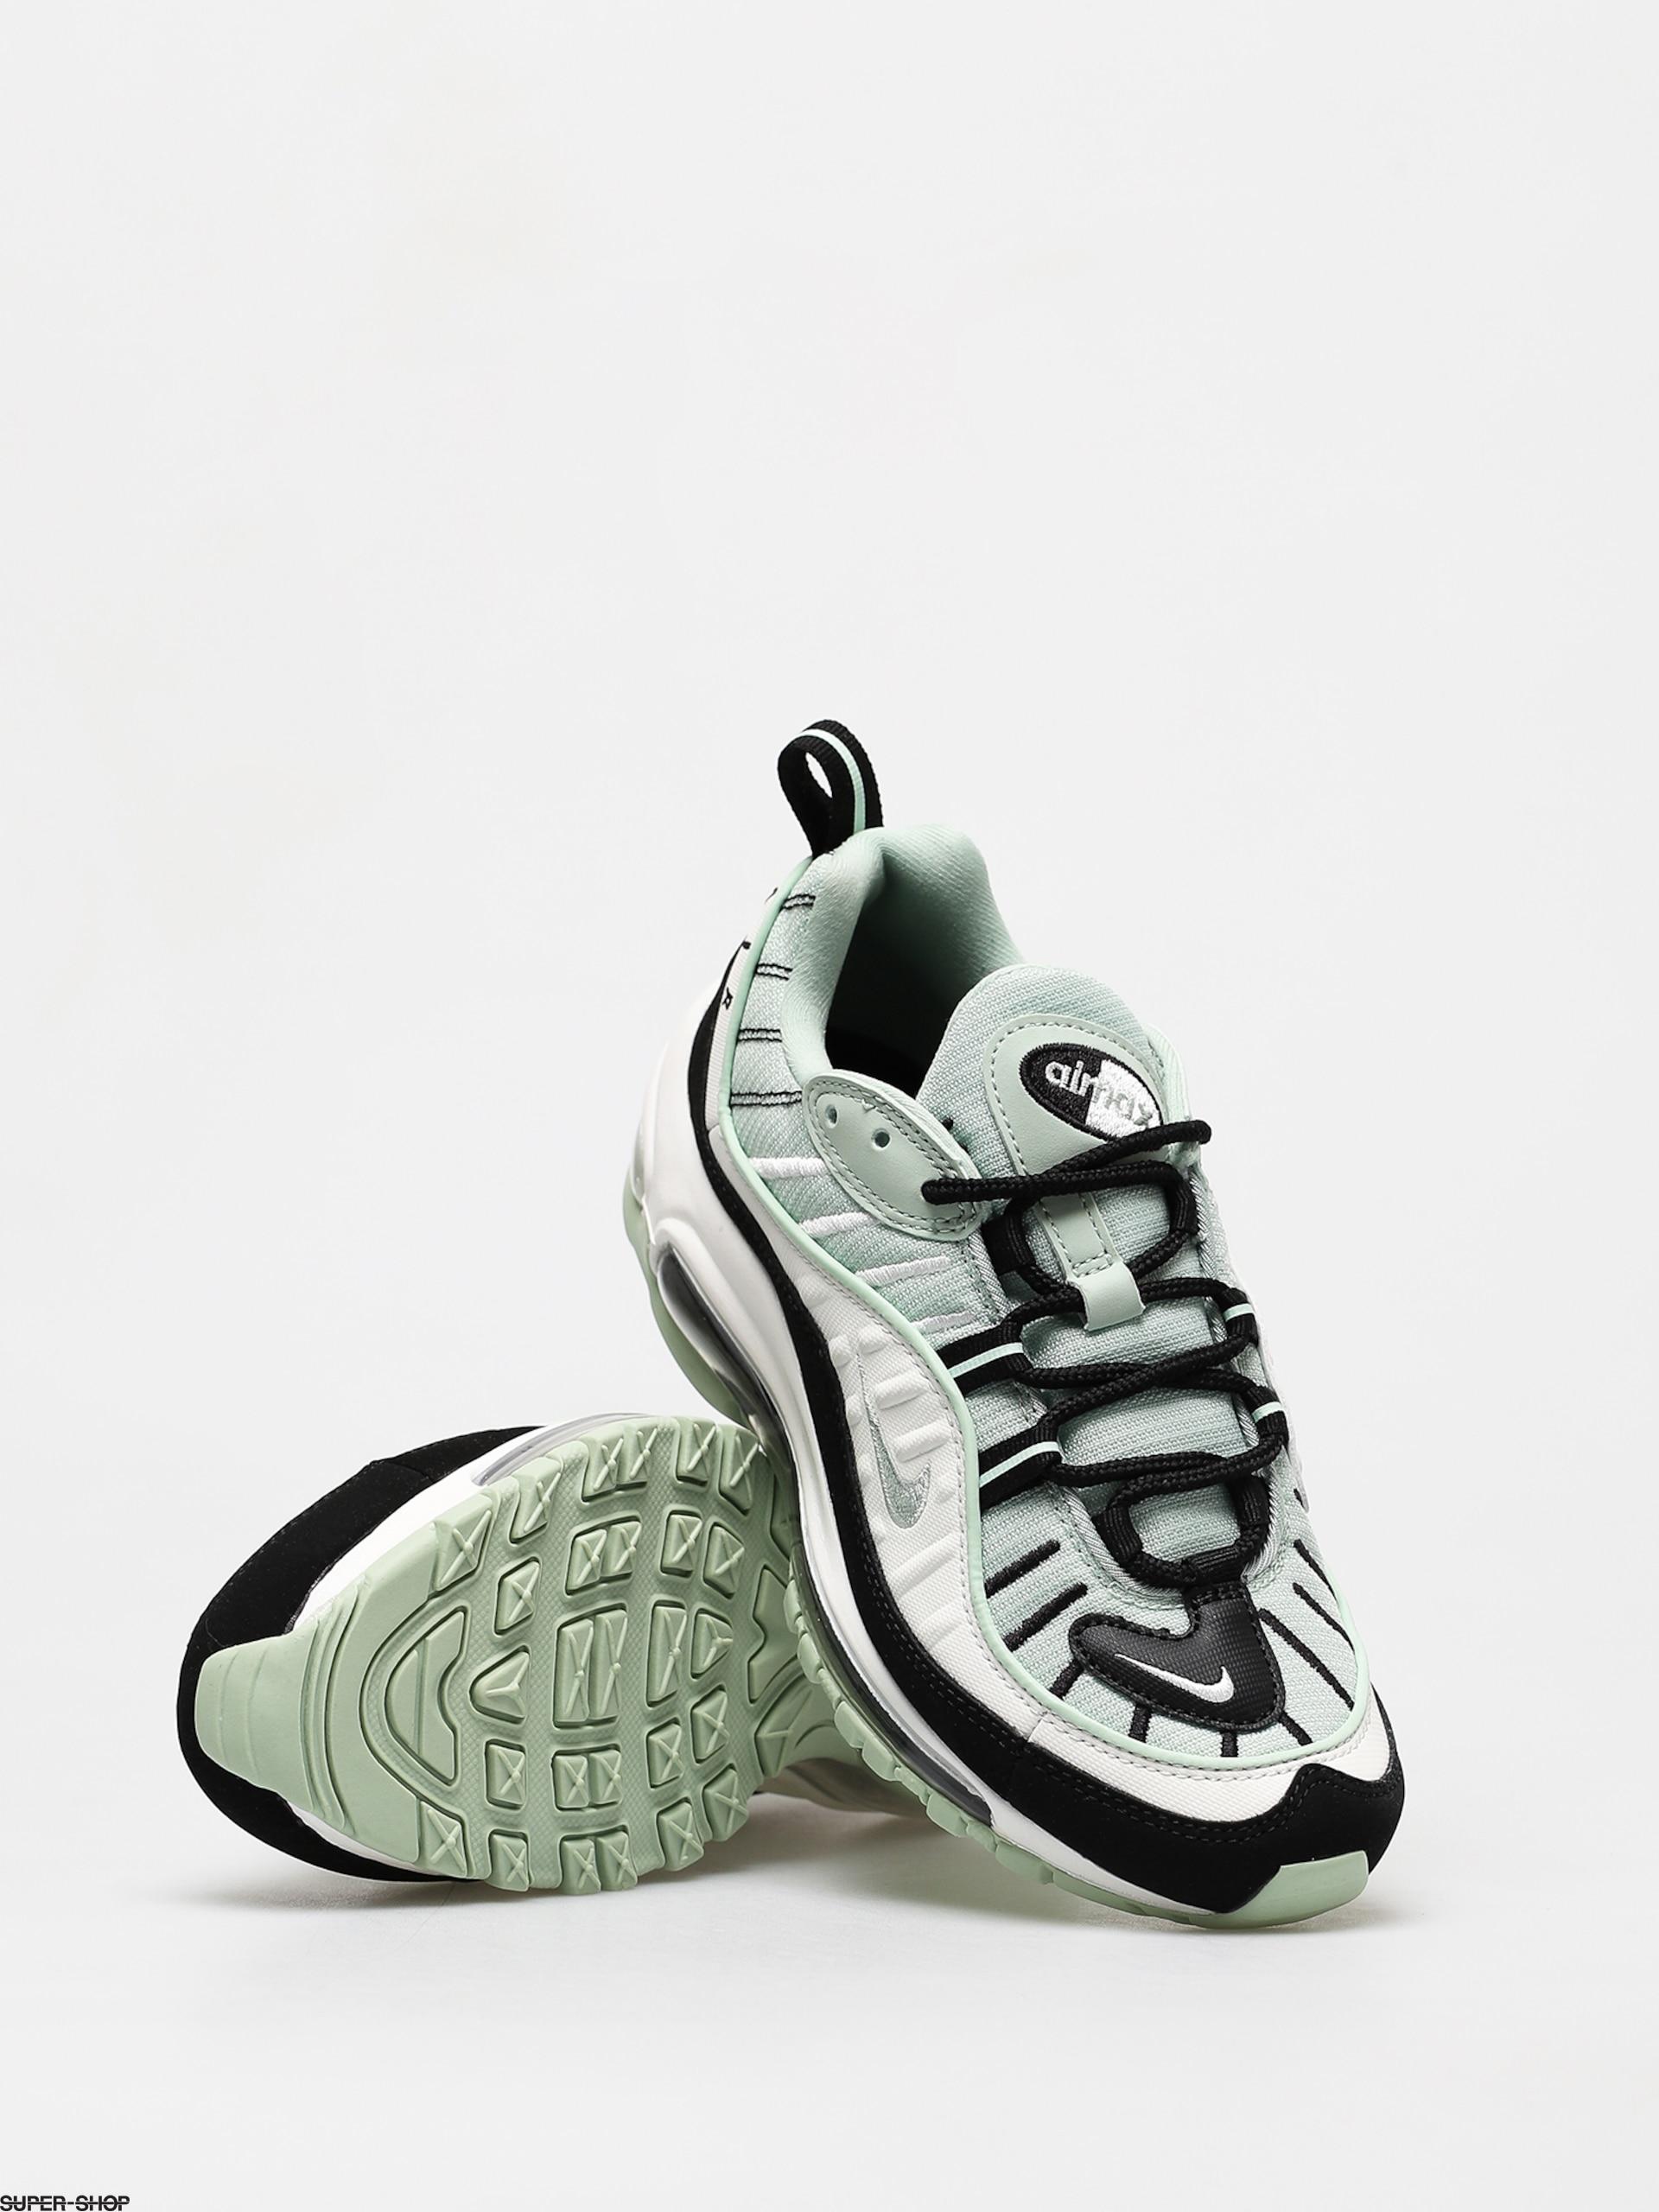 Nike Air Max 98 Shoes Wmn (pistachio frost/pistachio frost black)